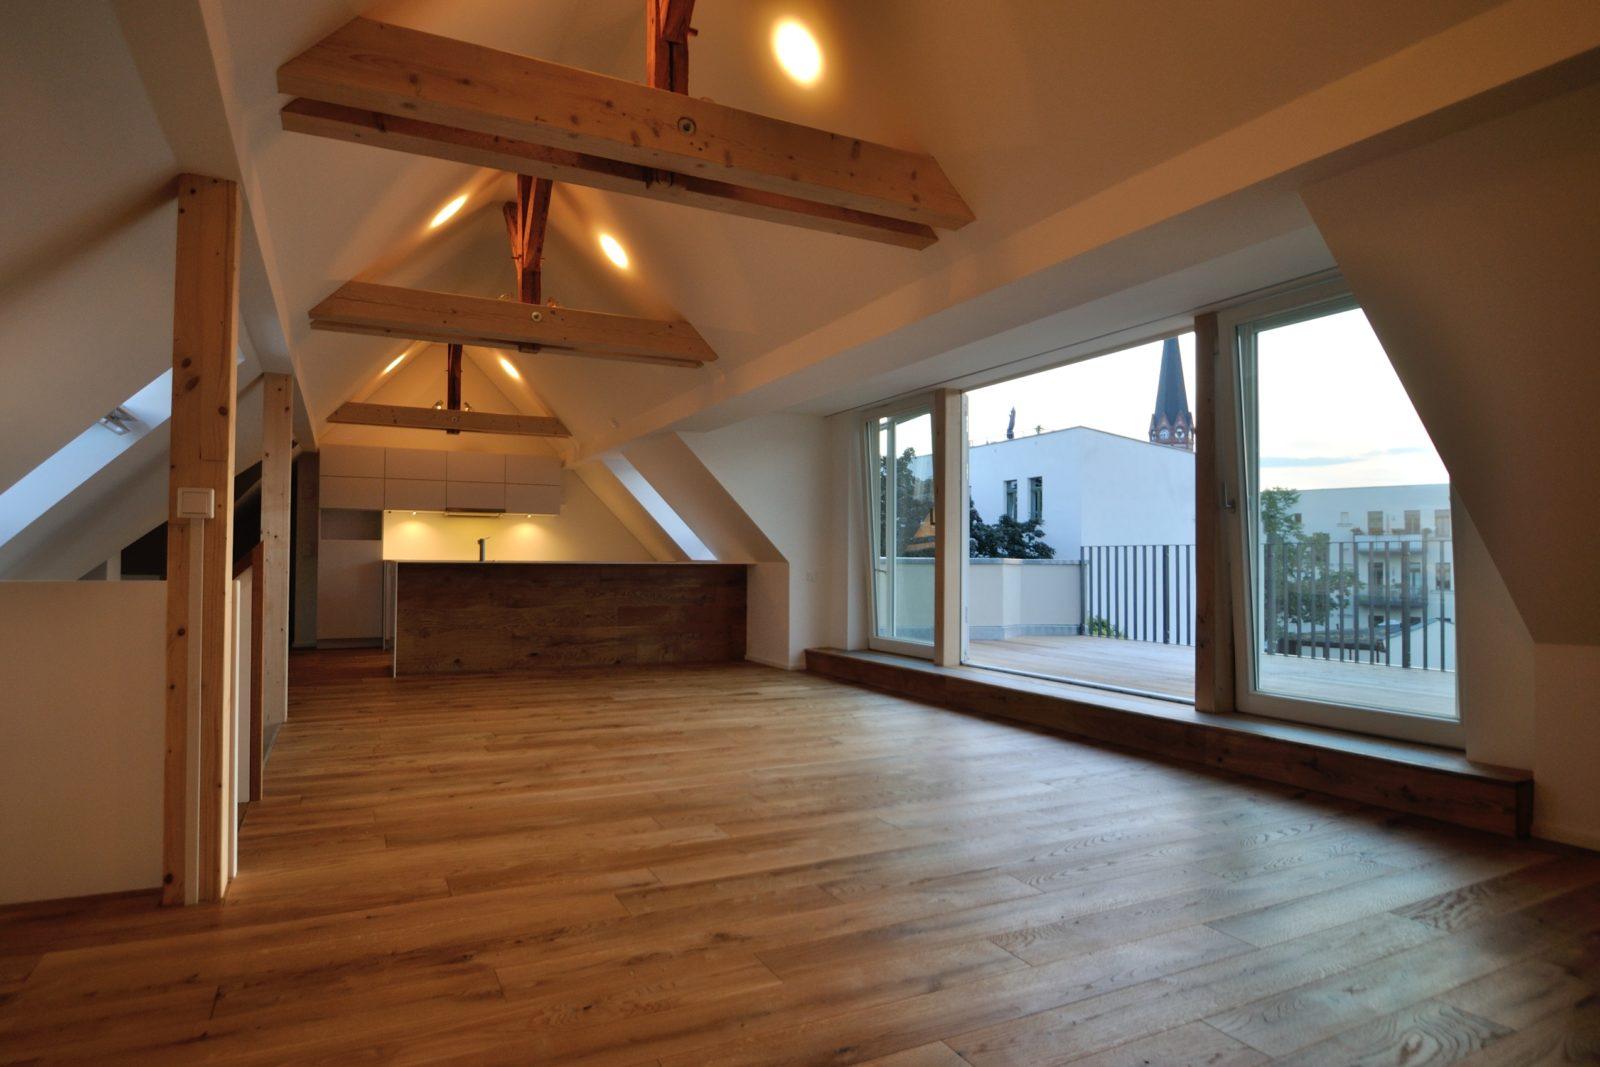 Umbau und Sanierung Mehrfamilienhaus in Leipizg, Plagwitz - Dachausbau